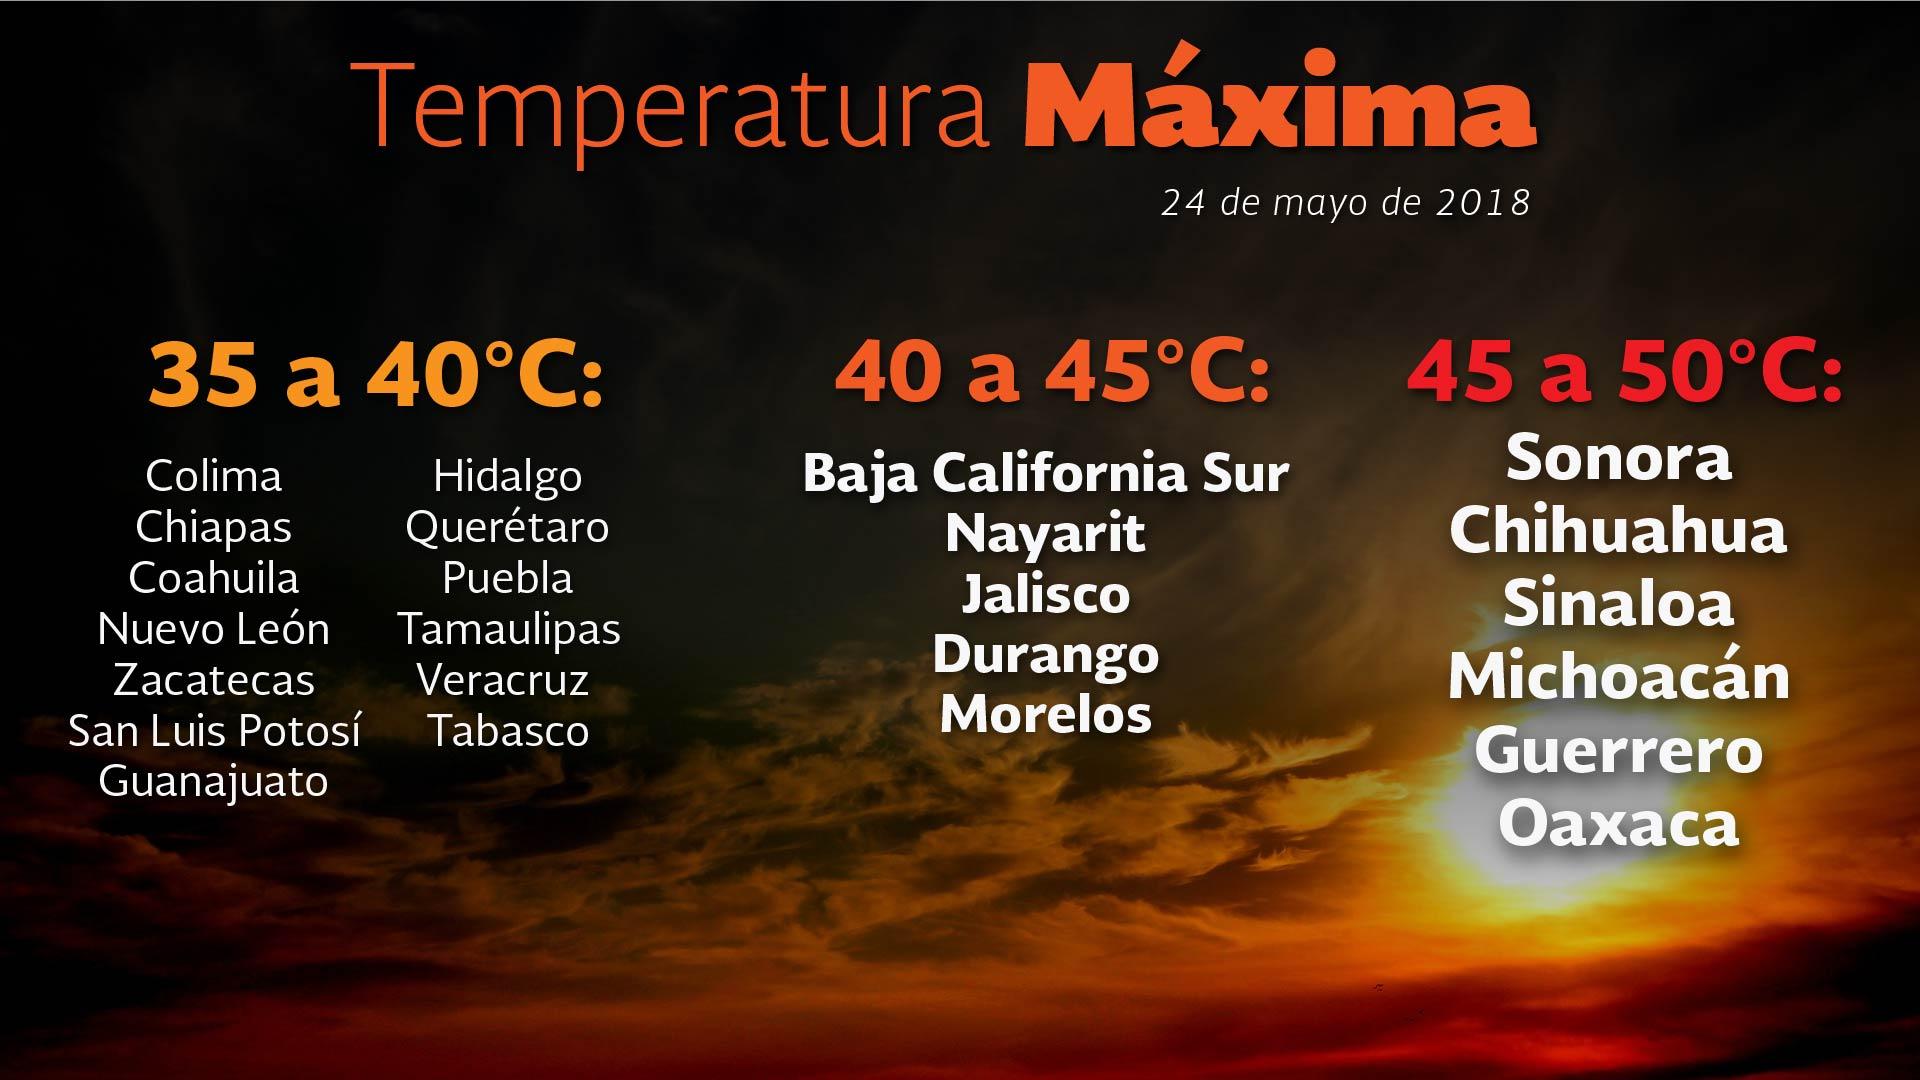 Se prevé ambiente cálido para Tlaxcala